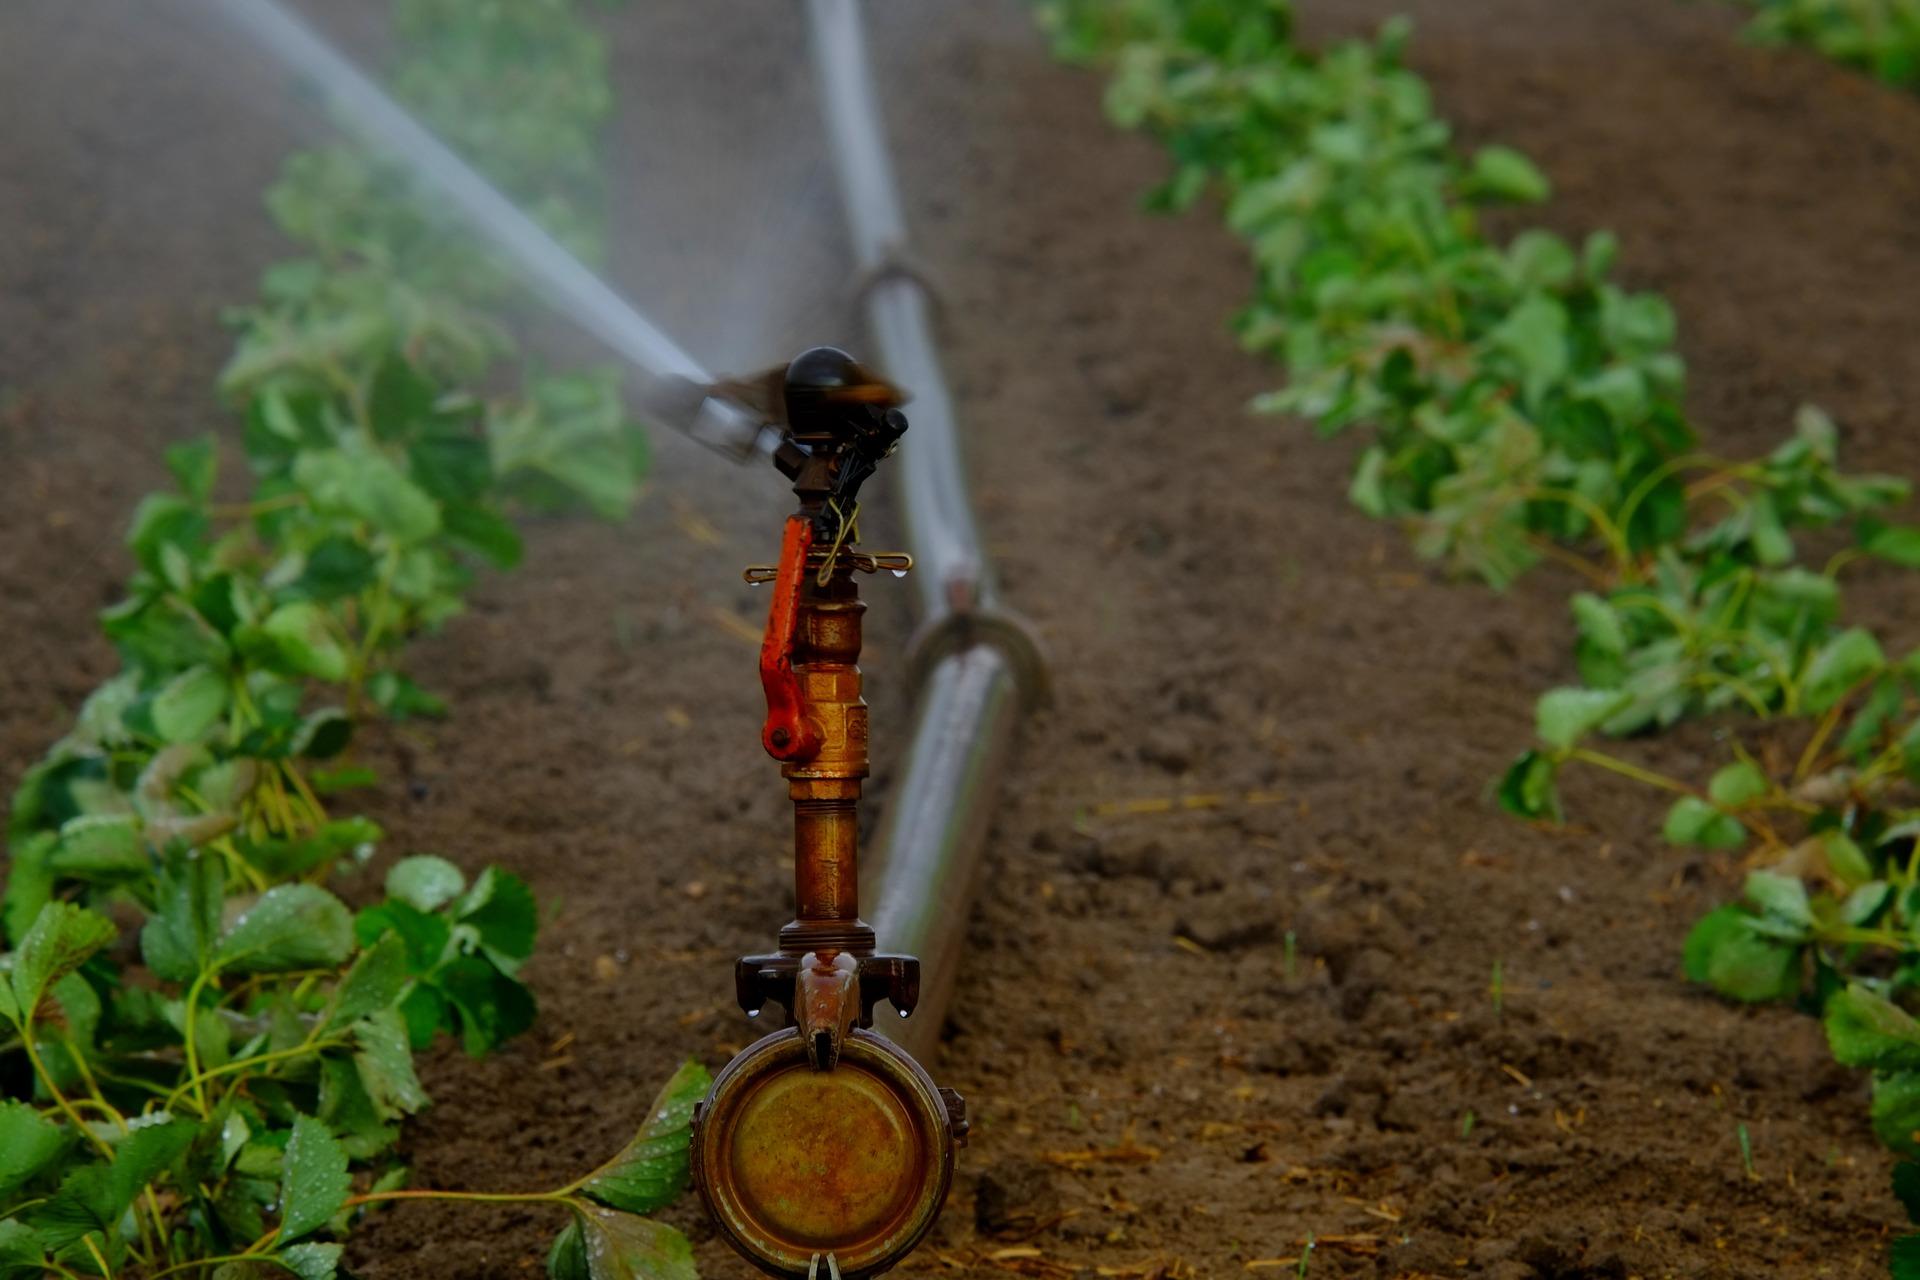 Pixabay – Irrigation II